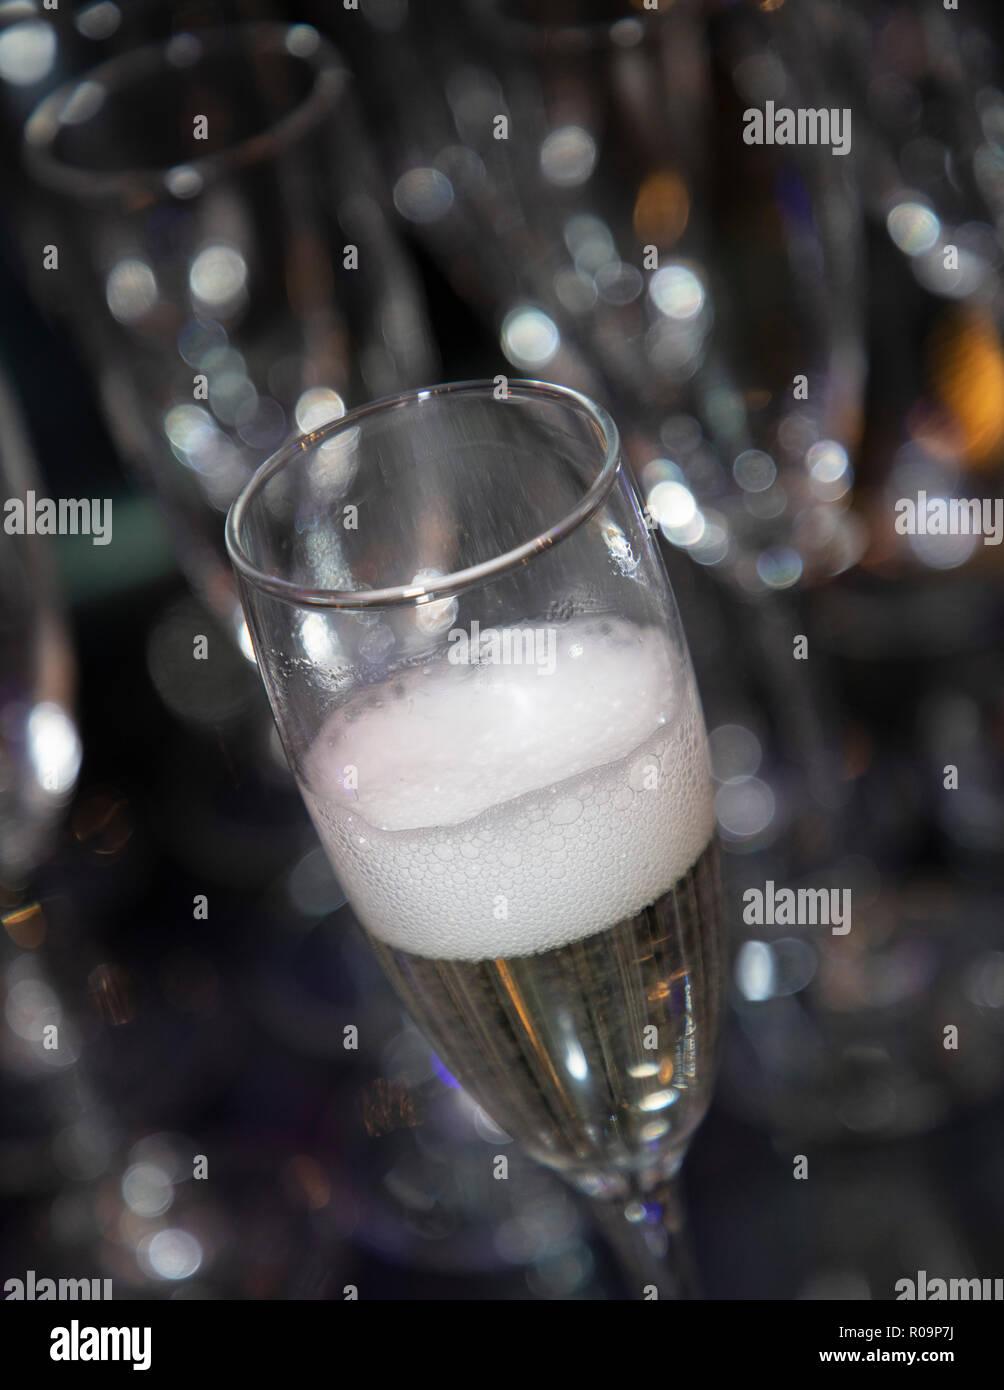 Glas Sekt nur mit einem sprudelnden Kopf gegossen. Unscharfe, bokeh Hintergrund Stockbild